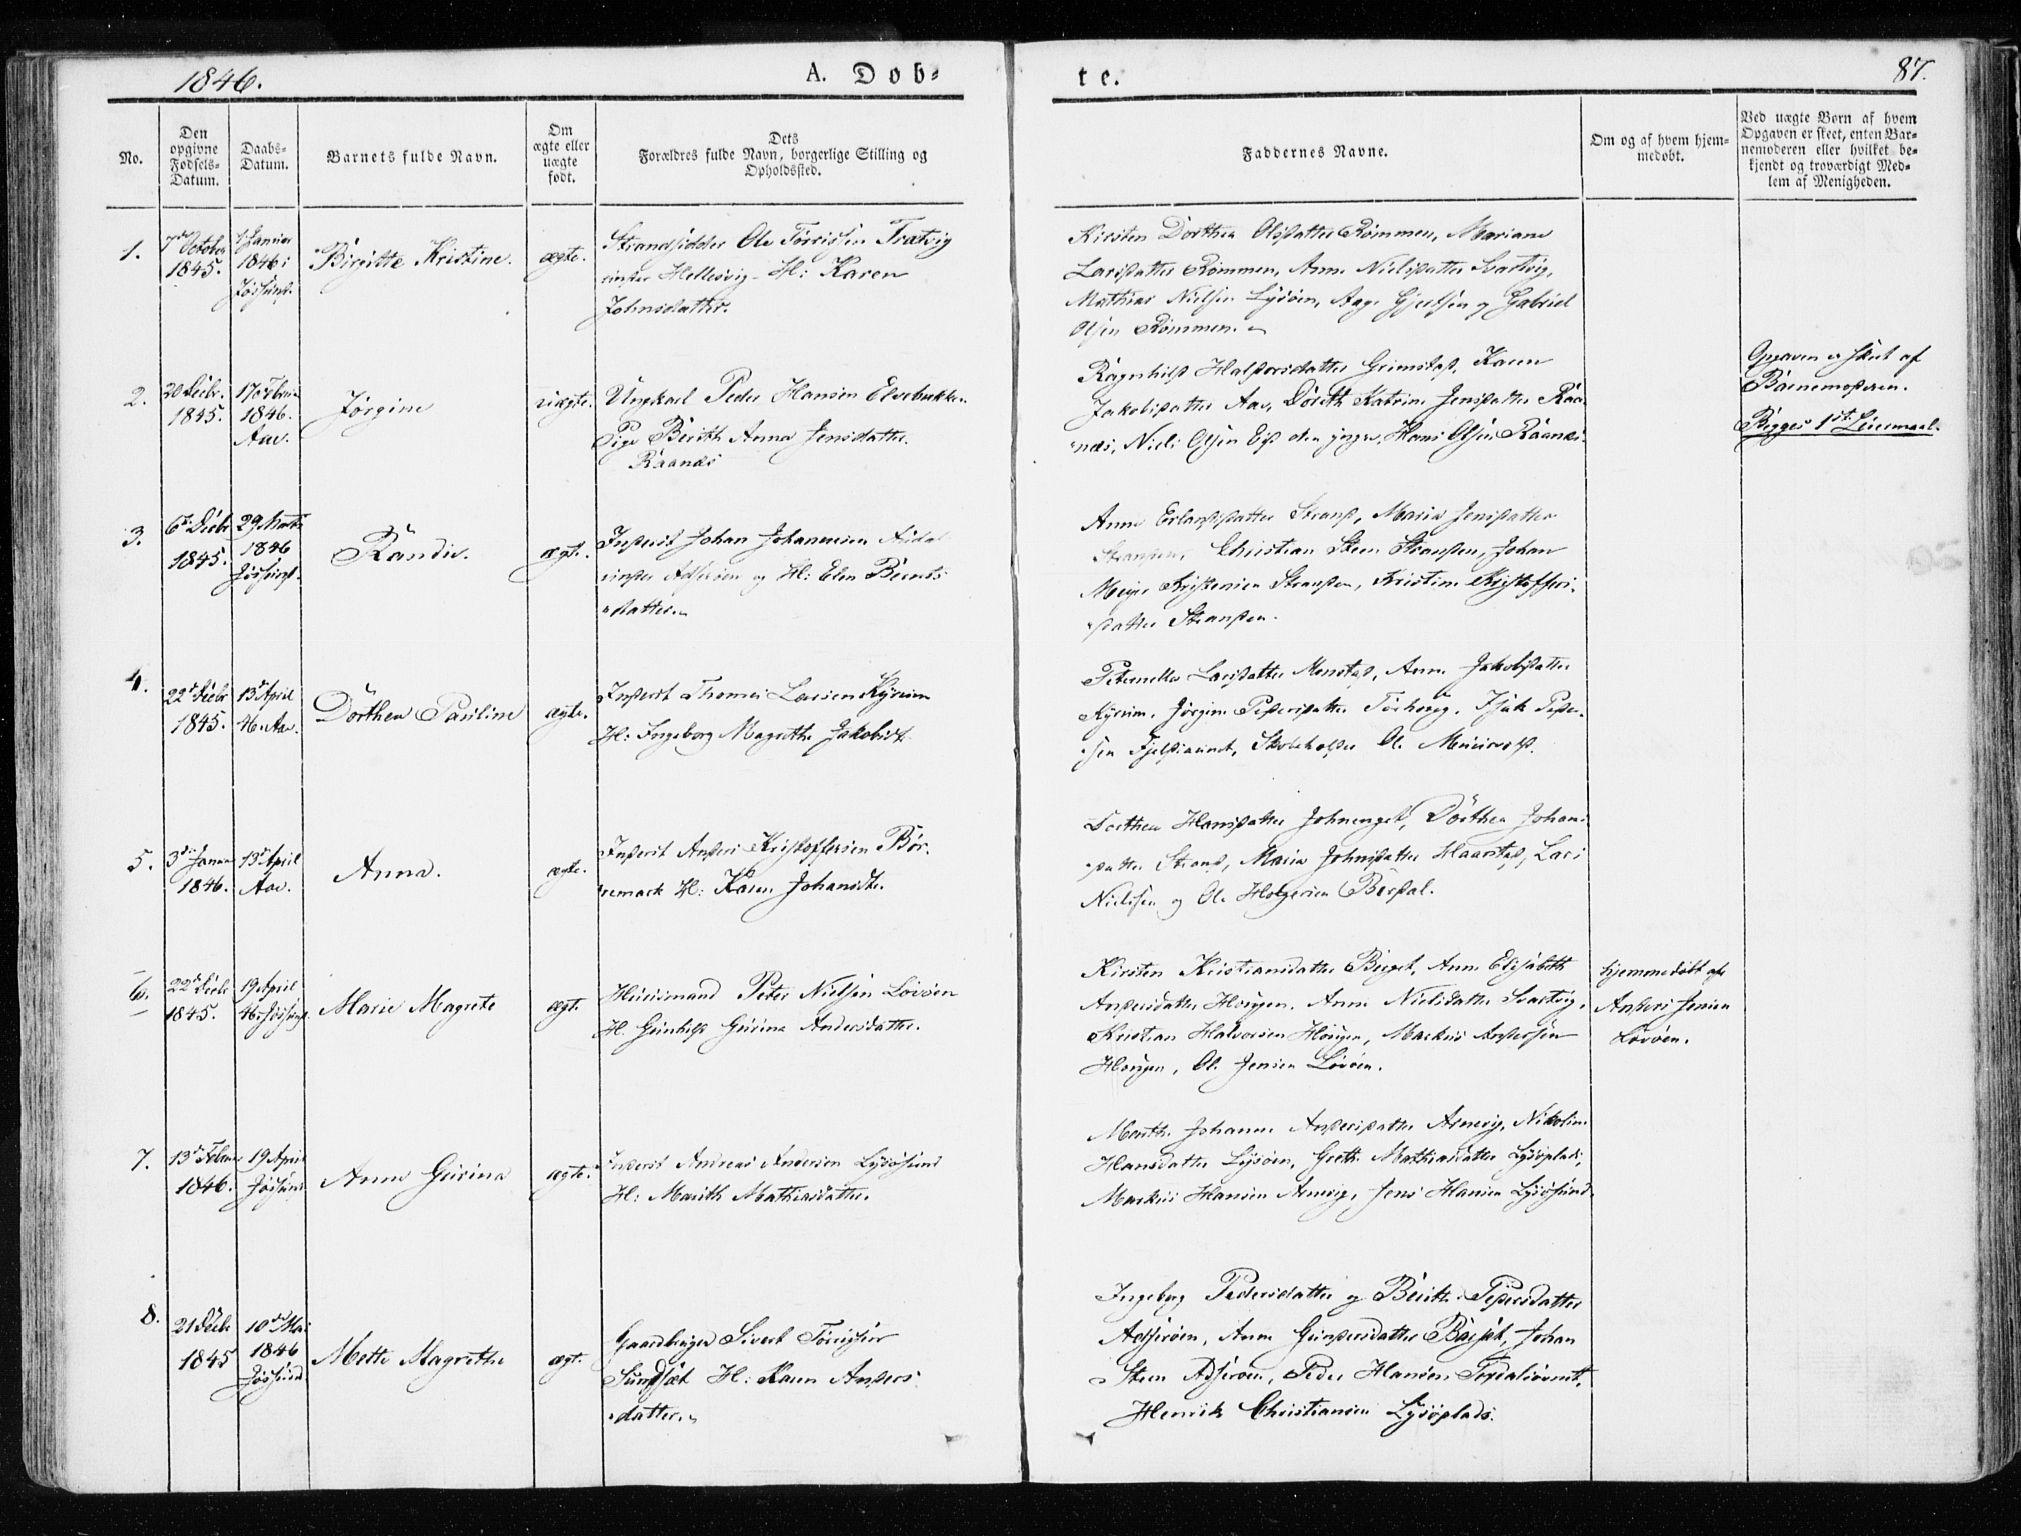 SAT, Ministerialprotokoller, klokkerbøker og fødselsregistre - Sør-Trøndelag, 655/L0676: Ministerialbok nr. 655A05, 1830-1847, s. 87